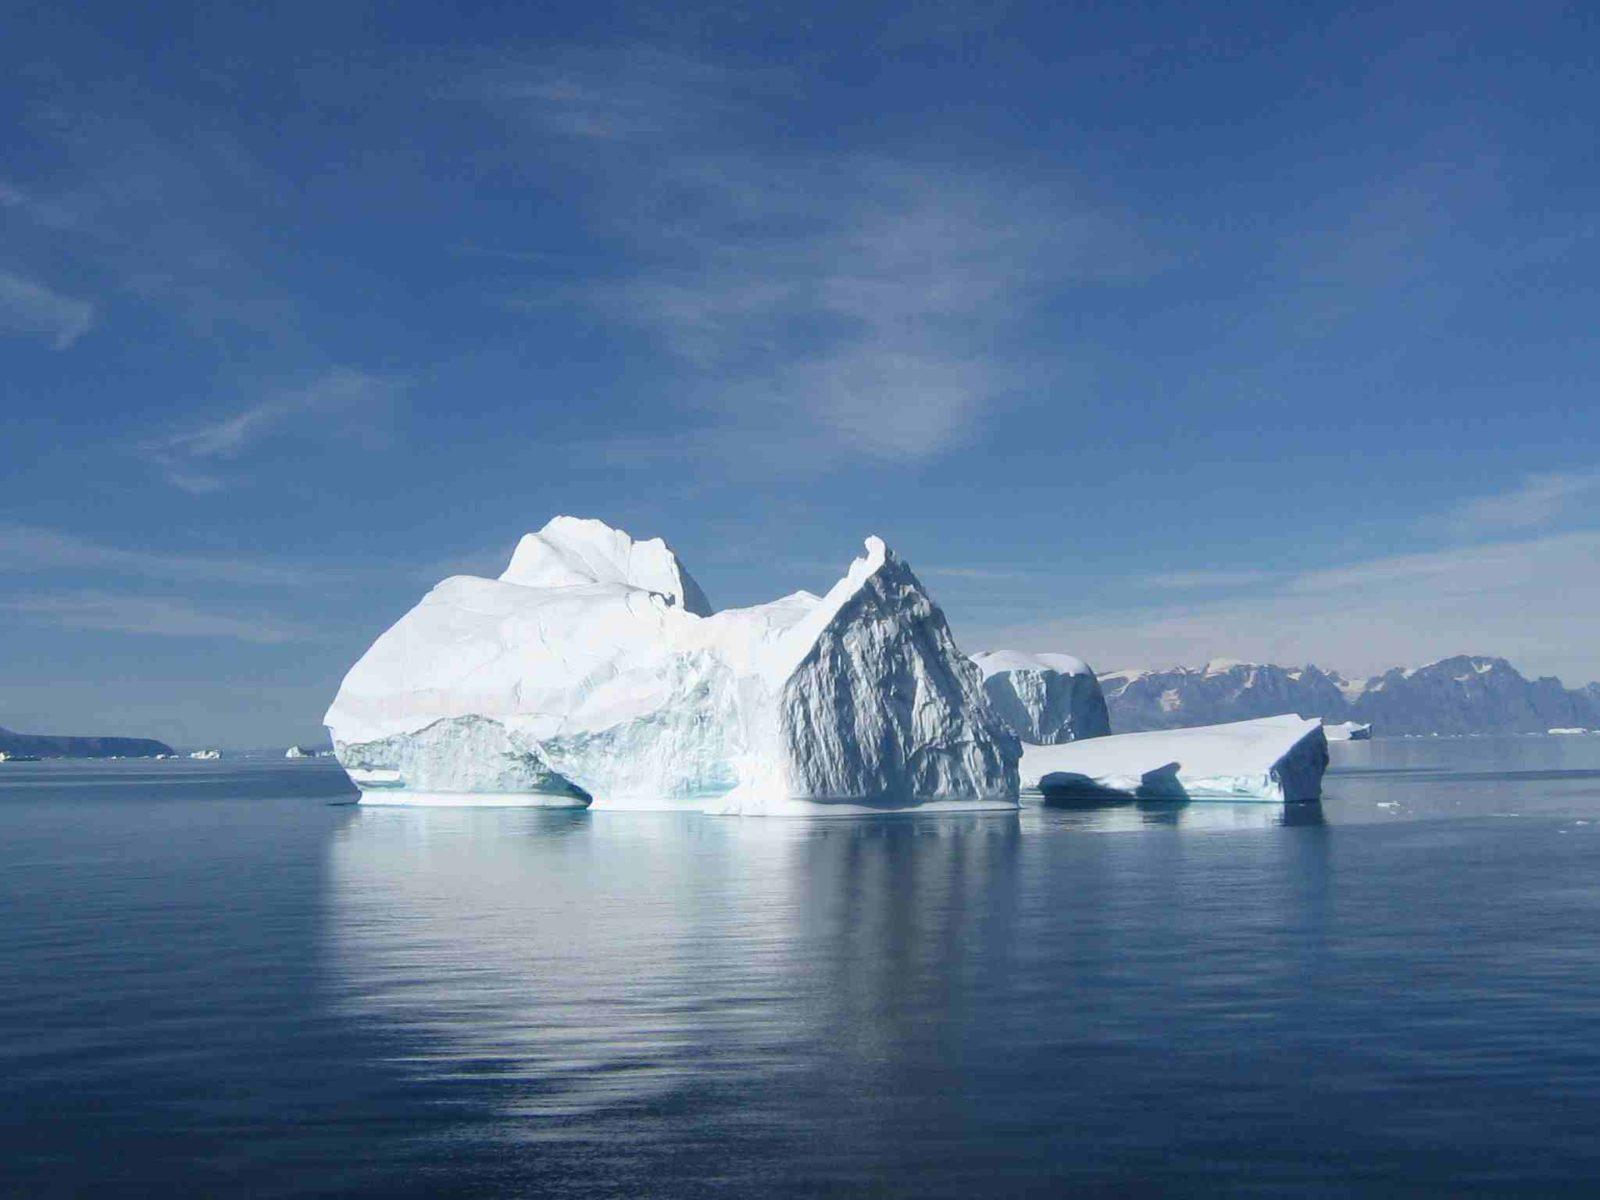 НЕОБЫЧНОЕ ЯВЛЕНИЕ: айсберг сорвался с ледника